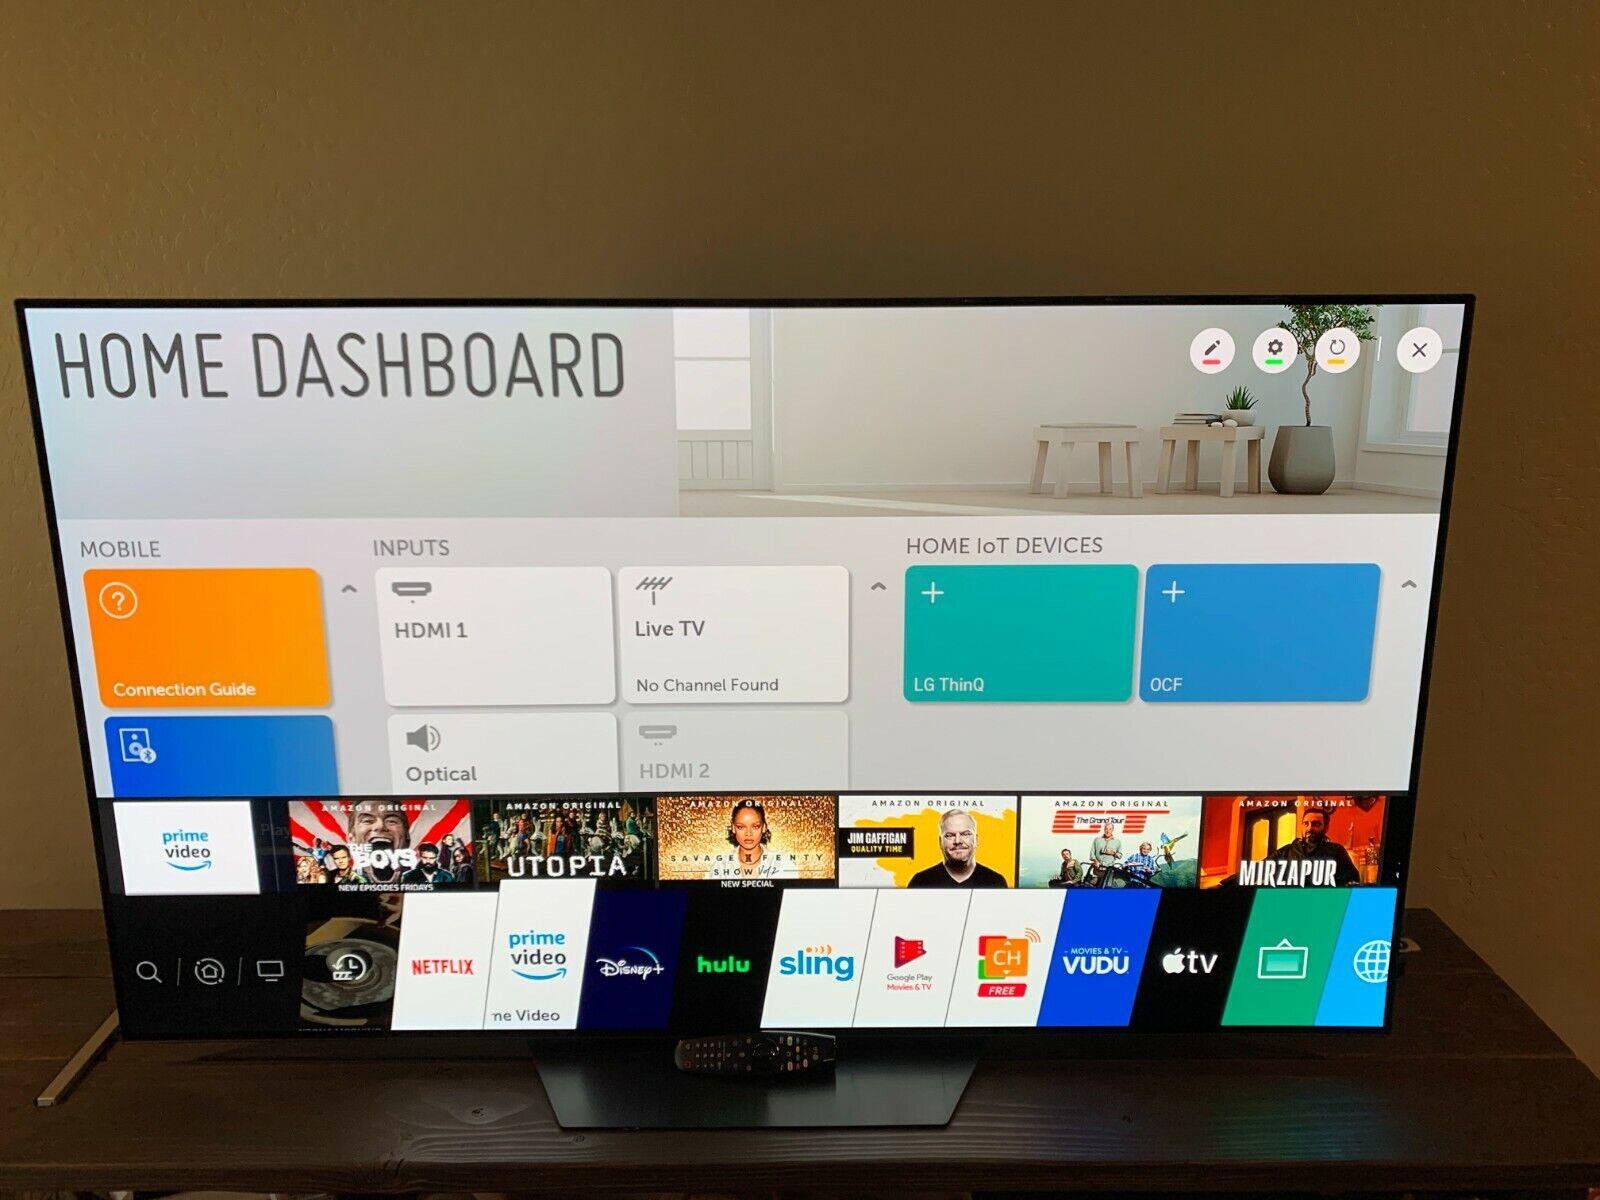 LG B9 OLED65B9PUA 65 inch 2160p (4K) Ultra HD Smart OLED TV. Buy it now for 1580.00